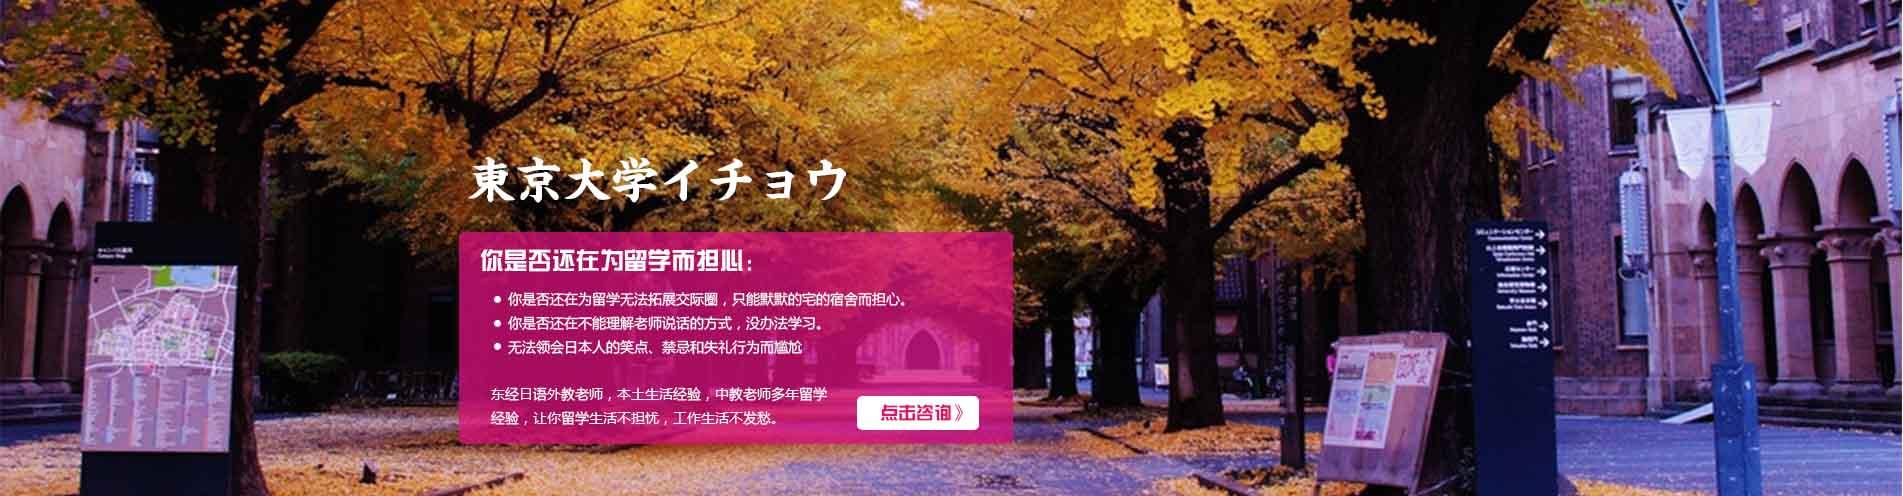 苏州出国日语,苏州出国日语培训,苏州留学日语